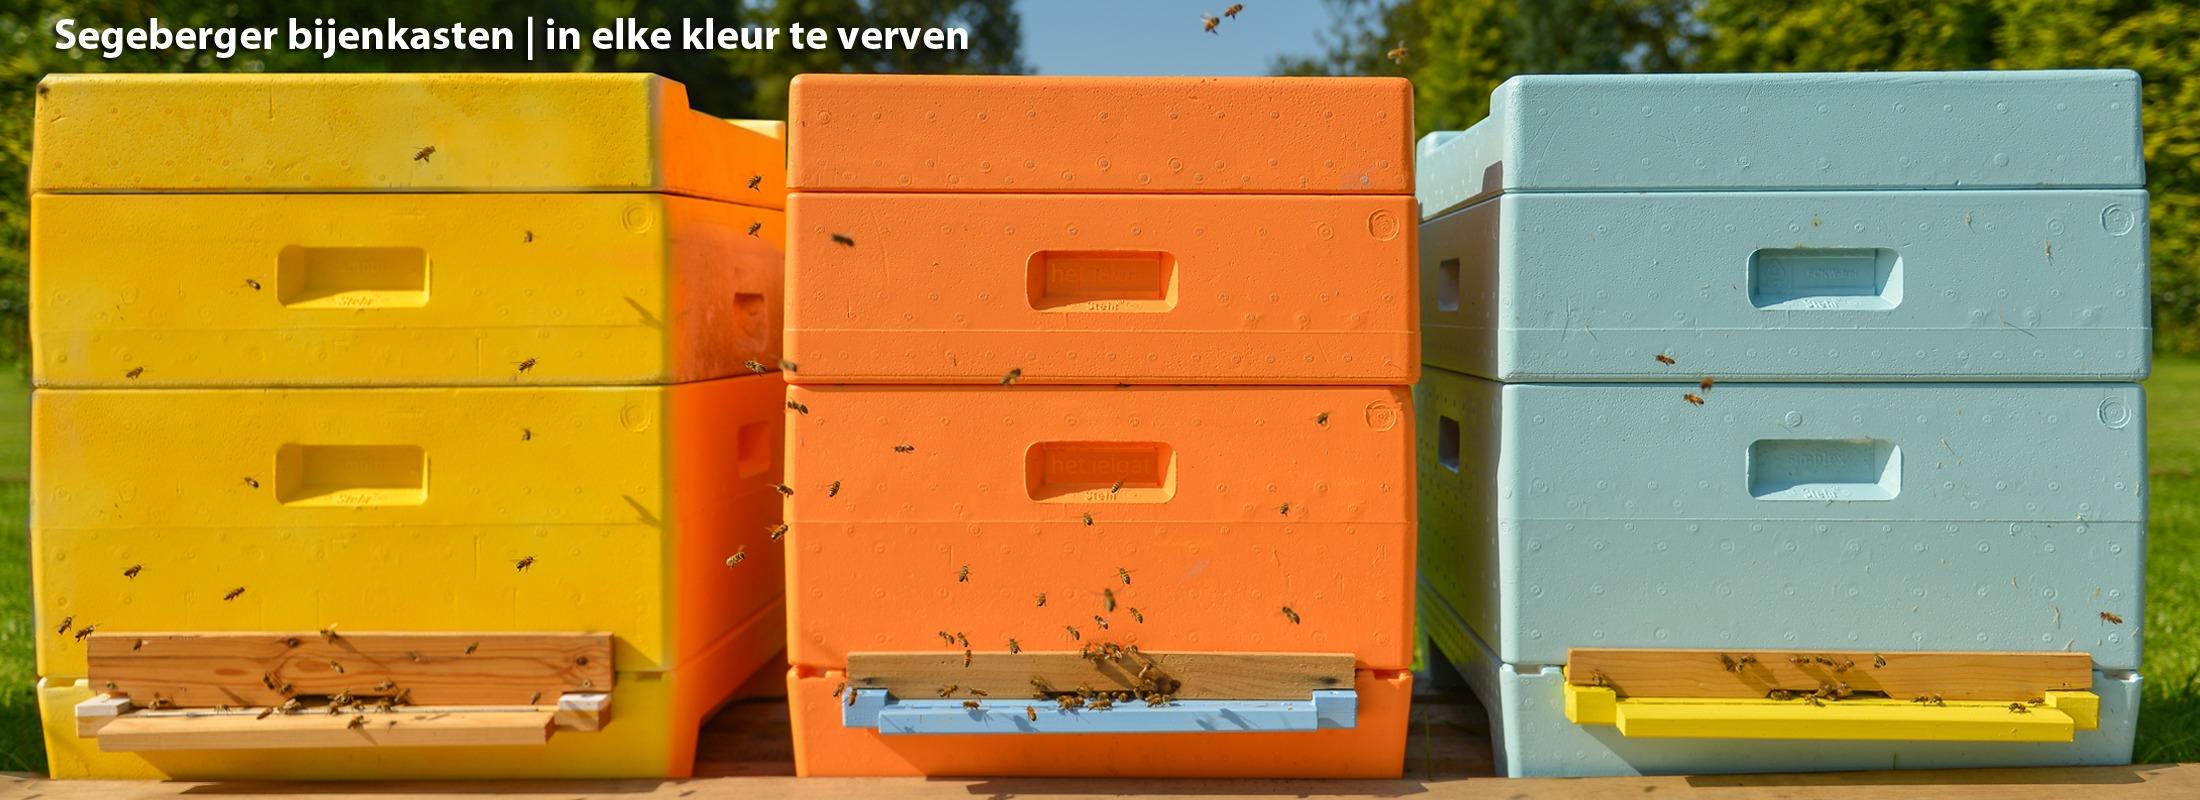 Segeberger bijenkasten